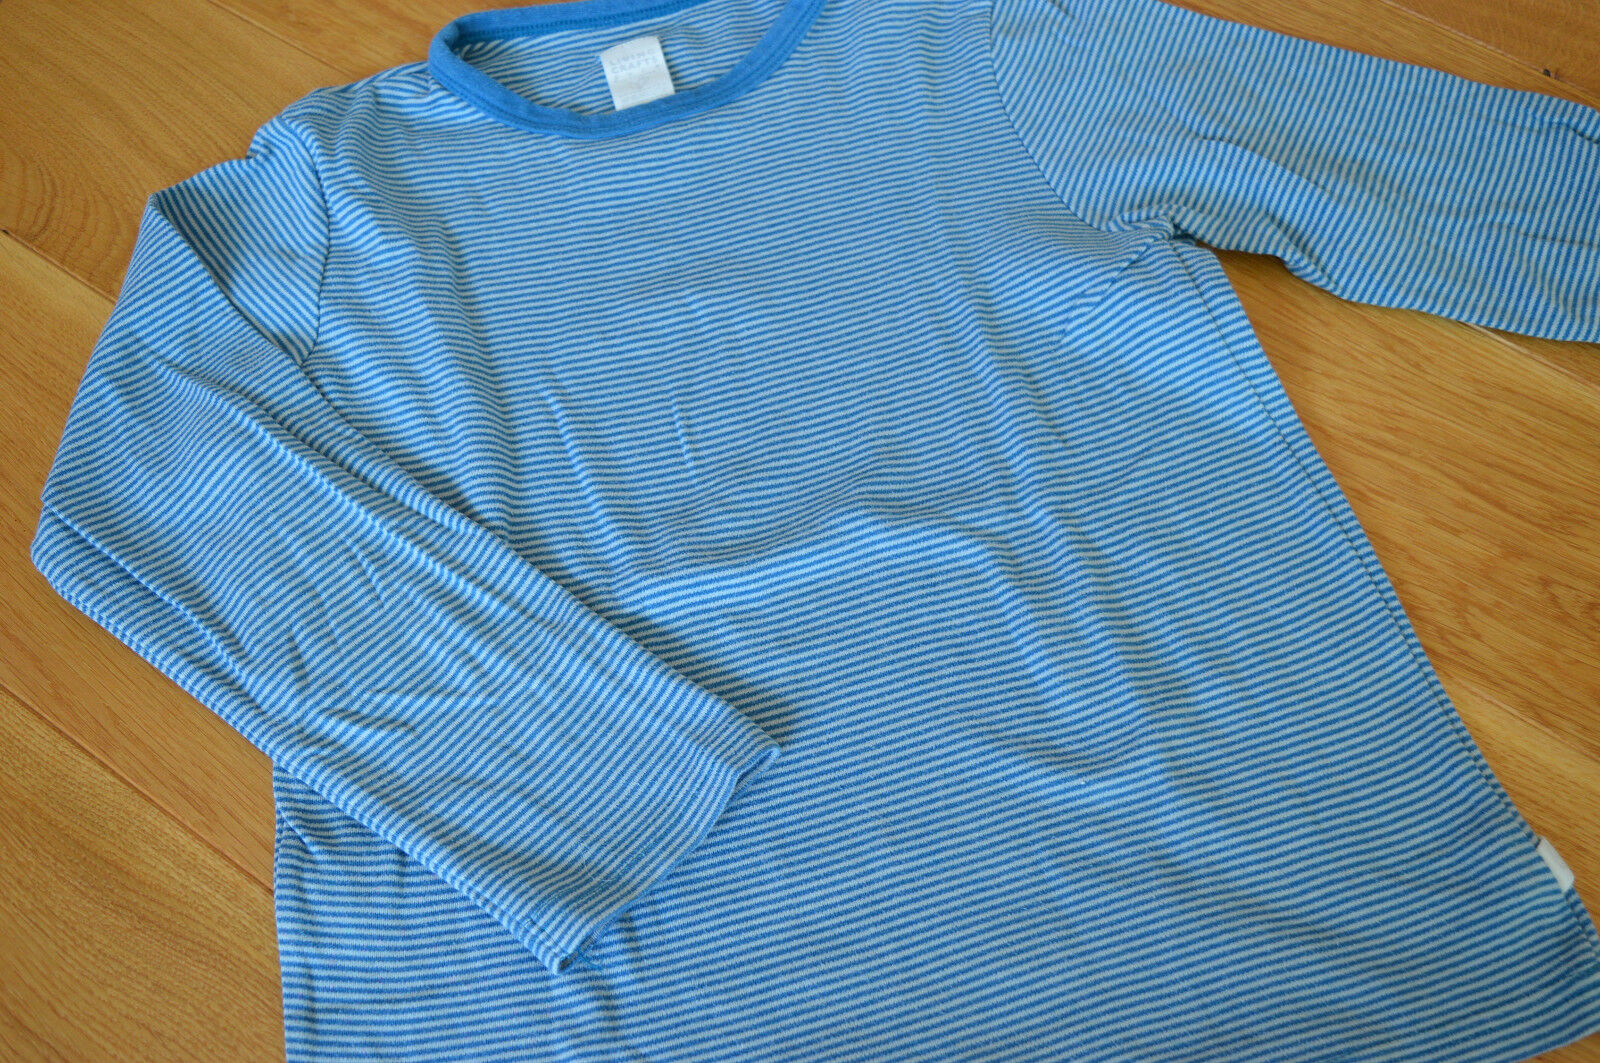 Living crafts Schlafanzug Oberteil 100% kbA Biobaumwolle Öko blau Gr.134 140